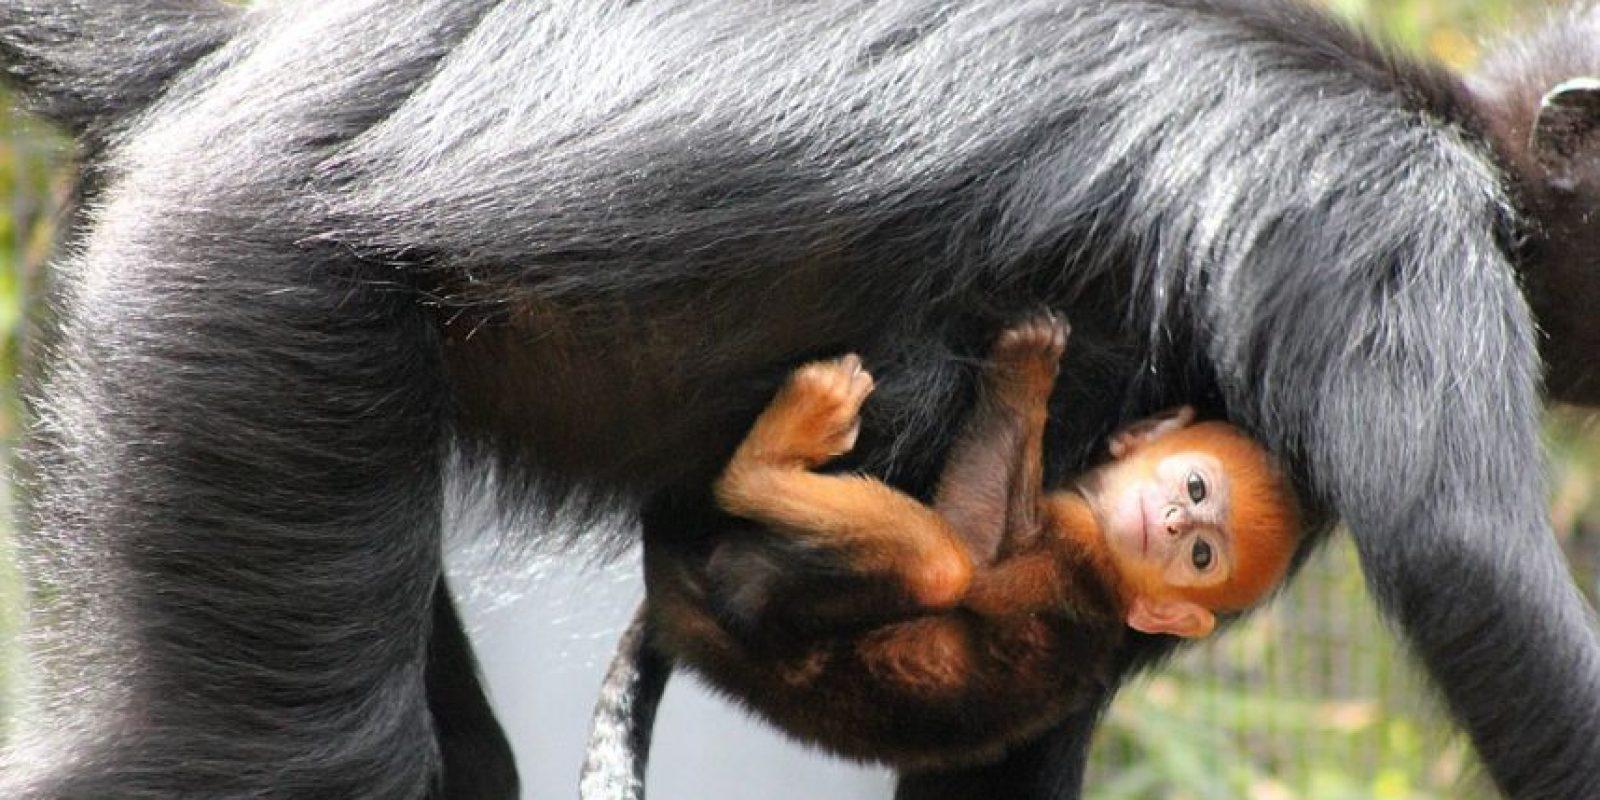 Es hijo de Meili, quien en 2011 dio a luz otro mono naranja. Foto:Vía Facebook.com/tarongazoo